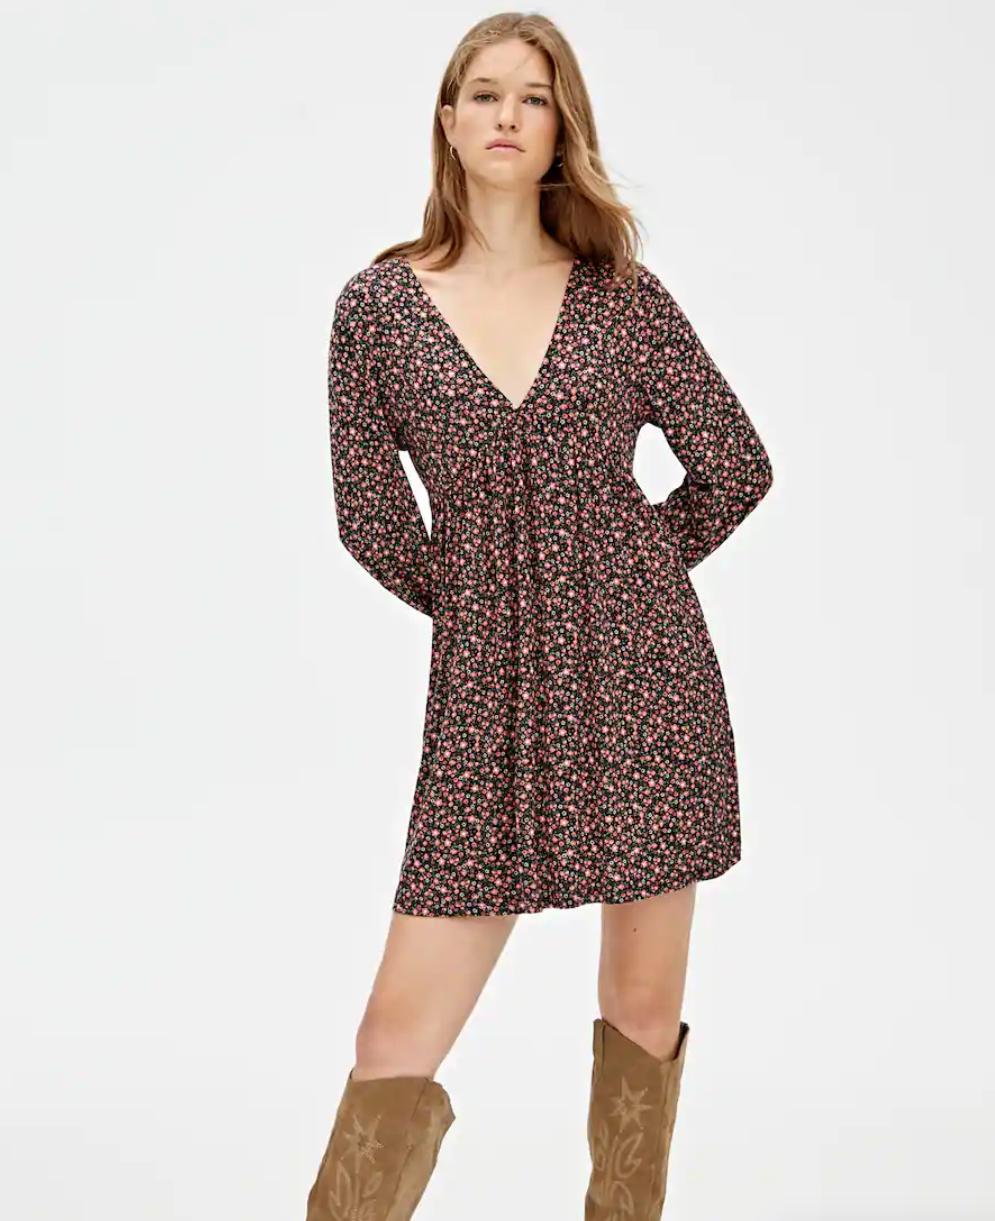 Vestido de Pull&Bear 3 colores